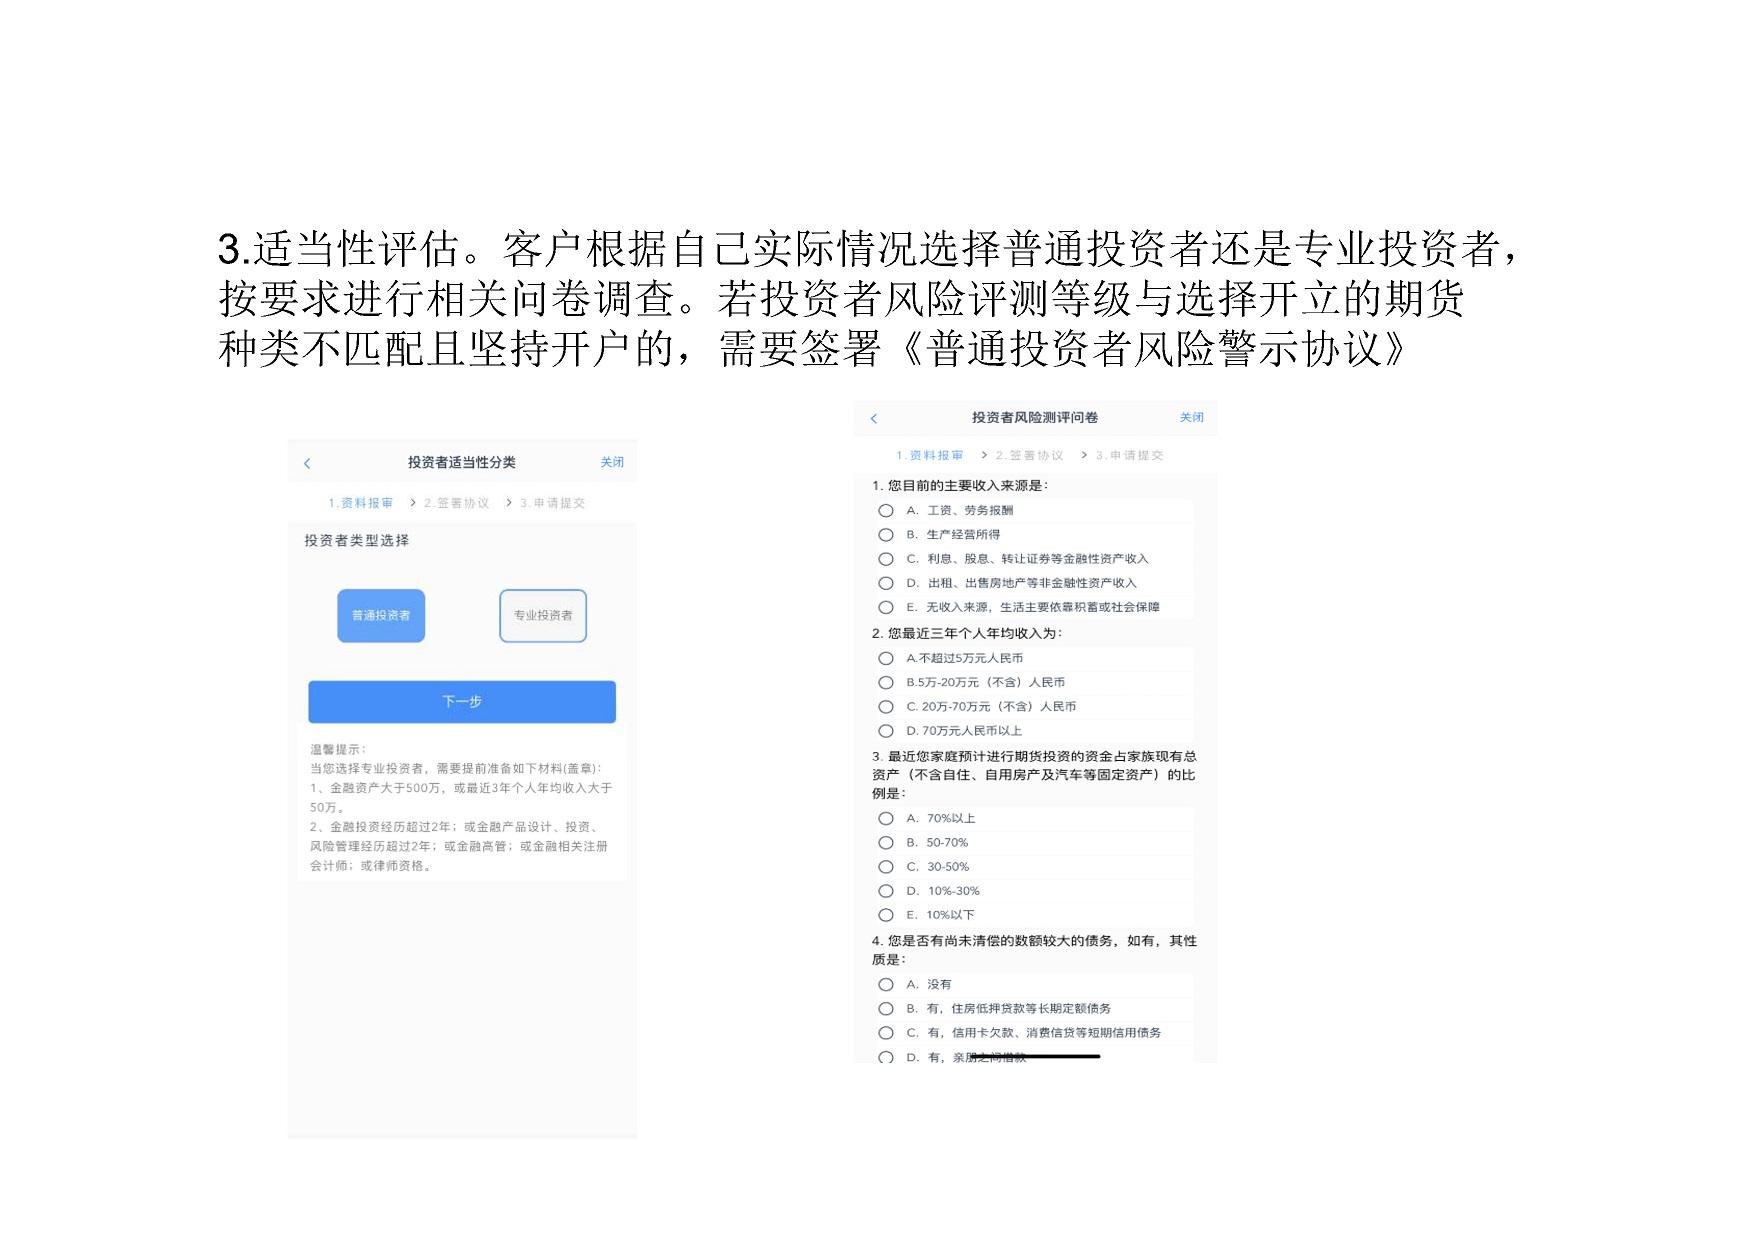 商品期货开户流程_Page10.jpg